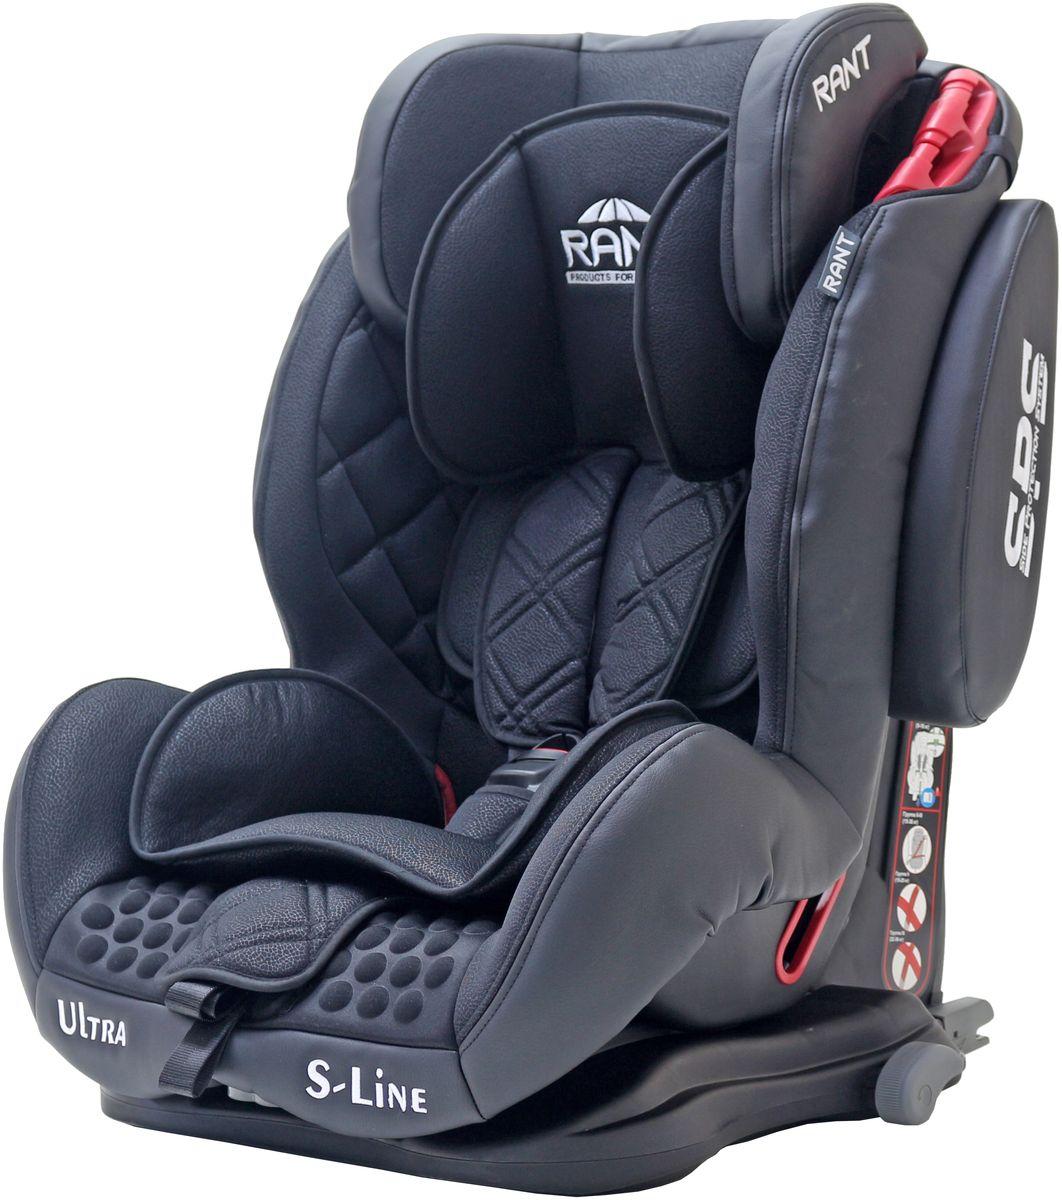 Rant Автокресло Ultra Isofix цвет черный от 9 до 36 кг4650070980588Автокресло Rant Ultra Isofix - универсальное автокресло, предназначенное для детей весом от 9 до 36 кг (приблизительно с 9 месяцев до 12 лет). Это удобная, комфортная модель с хорошим уровнем безопасности.Корпус автокресла выполнен из ударопрочного пластика. Усиленная система боковой защиты SPS обеспечивает дополнительную защиту при боковых ударах. Система крепления автокресла оснащена фиксаторами для штатного ремня, делающими установку автокресла максимально надежной. Подголовник автокресла - объемный, глубокий. Высота регулируется в трех положениях. На подголовнике расположены направляющие для штатного ремня безопасности (используются в весовой категории от 15 кг, когда ребенок удерживается в кресле уже штатным ремнем безопасности, а не внутренними ремнями).Внутренние пятиточечные ремни безопасности с мягкими плечевыми накладками надежно удерживают малыша в автокресле. Ремни интегрированы в подголовник, регулируются по высоте одновременно с поднятием подголовника. Имеют центральную систему натяжения и прочный, практичный замок. Сиденье увеличенной ширины сделает более комфортной поездки уже подросшего ребенка. Угол наклона спинки регулируется в трех положениях. Для самых маленьких пассажиров предусмотрен мягкий съемный вкладыш.Чехол автокресла изготовлен из качественной, высокопрочной, гипоаллергенной ткани. Легко снимается для чистки или стирки.Автокресло устанавливается по направлению движения, с помощью штатного ремня безопасности автомобиля. Ребенок удерживается в кресле внутренними пятиточечными ремнями безопасности (до 18 кг) или штатным ремнем безопасности (от 18 кг), а также системой Isofix.Автокресло имеет усиленную боковую защиту. Корпус из ударопрочного пластика гарантируют защиту при боковых и фронтальных столкновениях. Пятиточечные ремни безопасности с мягкими плечевыми накладками надежно зафиксируют малыша в автокресле. Прочный и практичный замок фиксации ремней безопасности надежно у